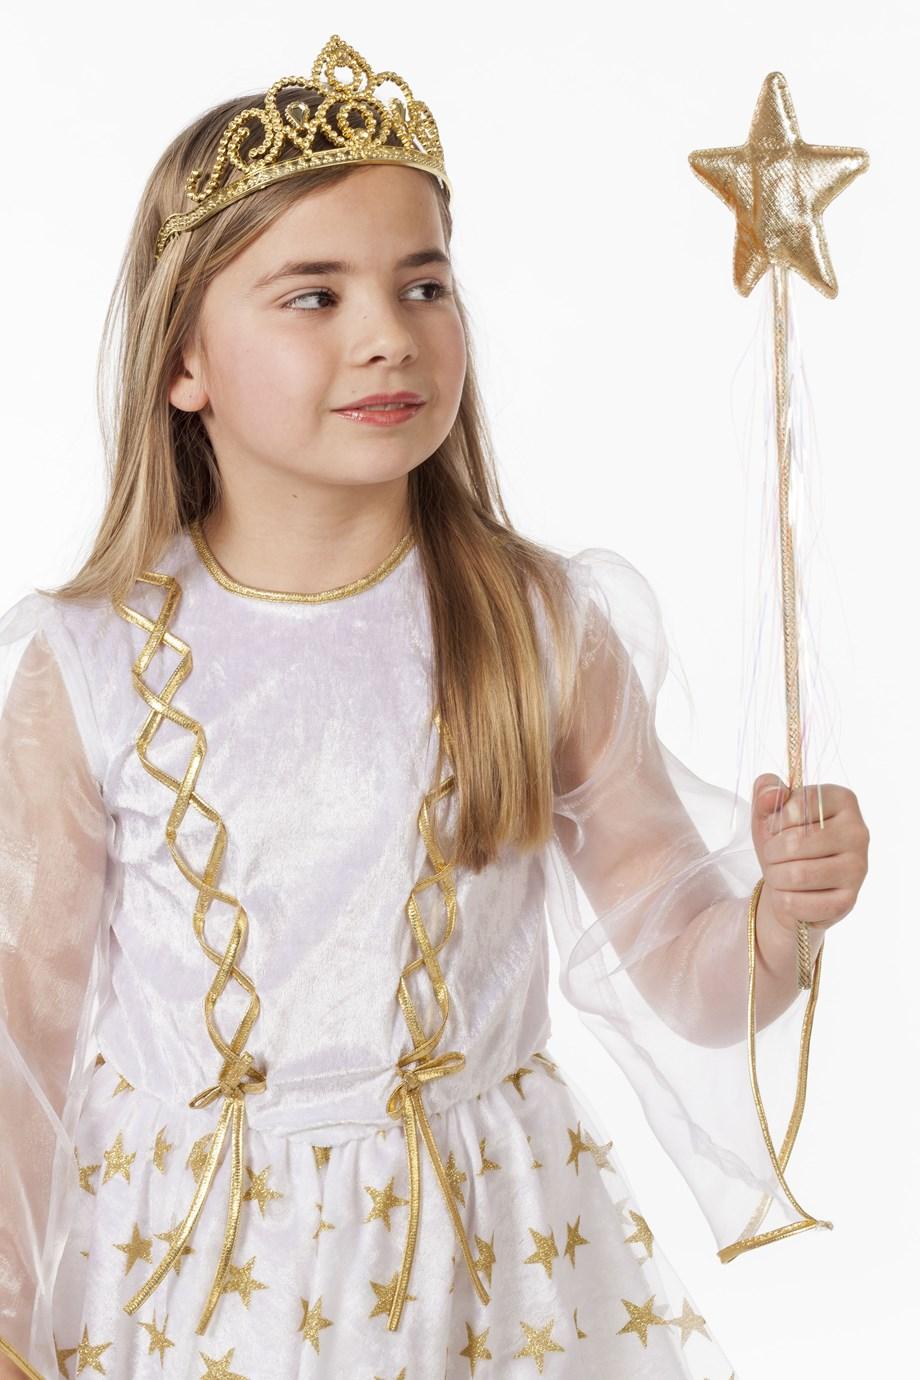 Staf prinses goud